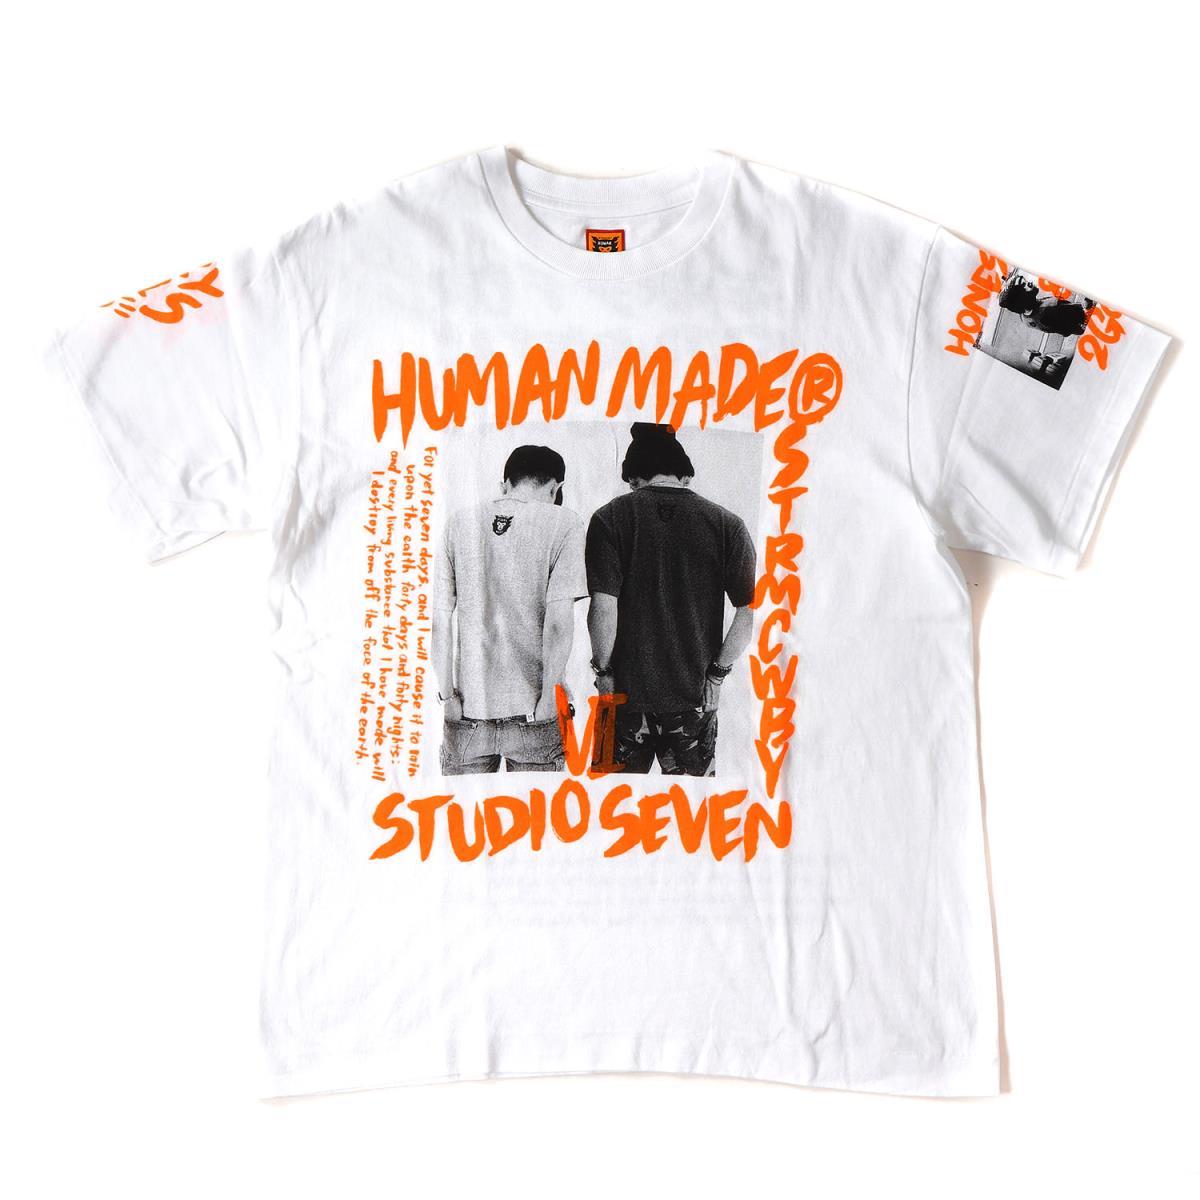 HUMAN MADE (ヒューマンメイド) 17A/W ×STUDIO SEVEN 初売り限定 フォトグラフィックTシャツ ホワイト×オレンジ S 【美品】【メンズ】【K2069】【中古】【あす楽☆対応可】